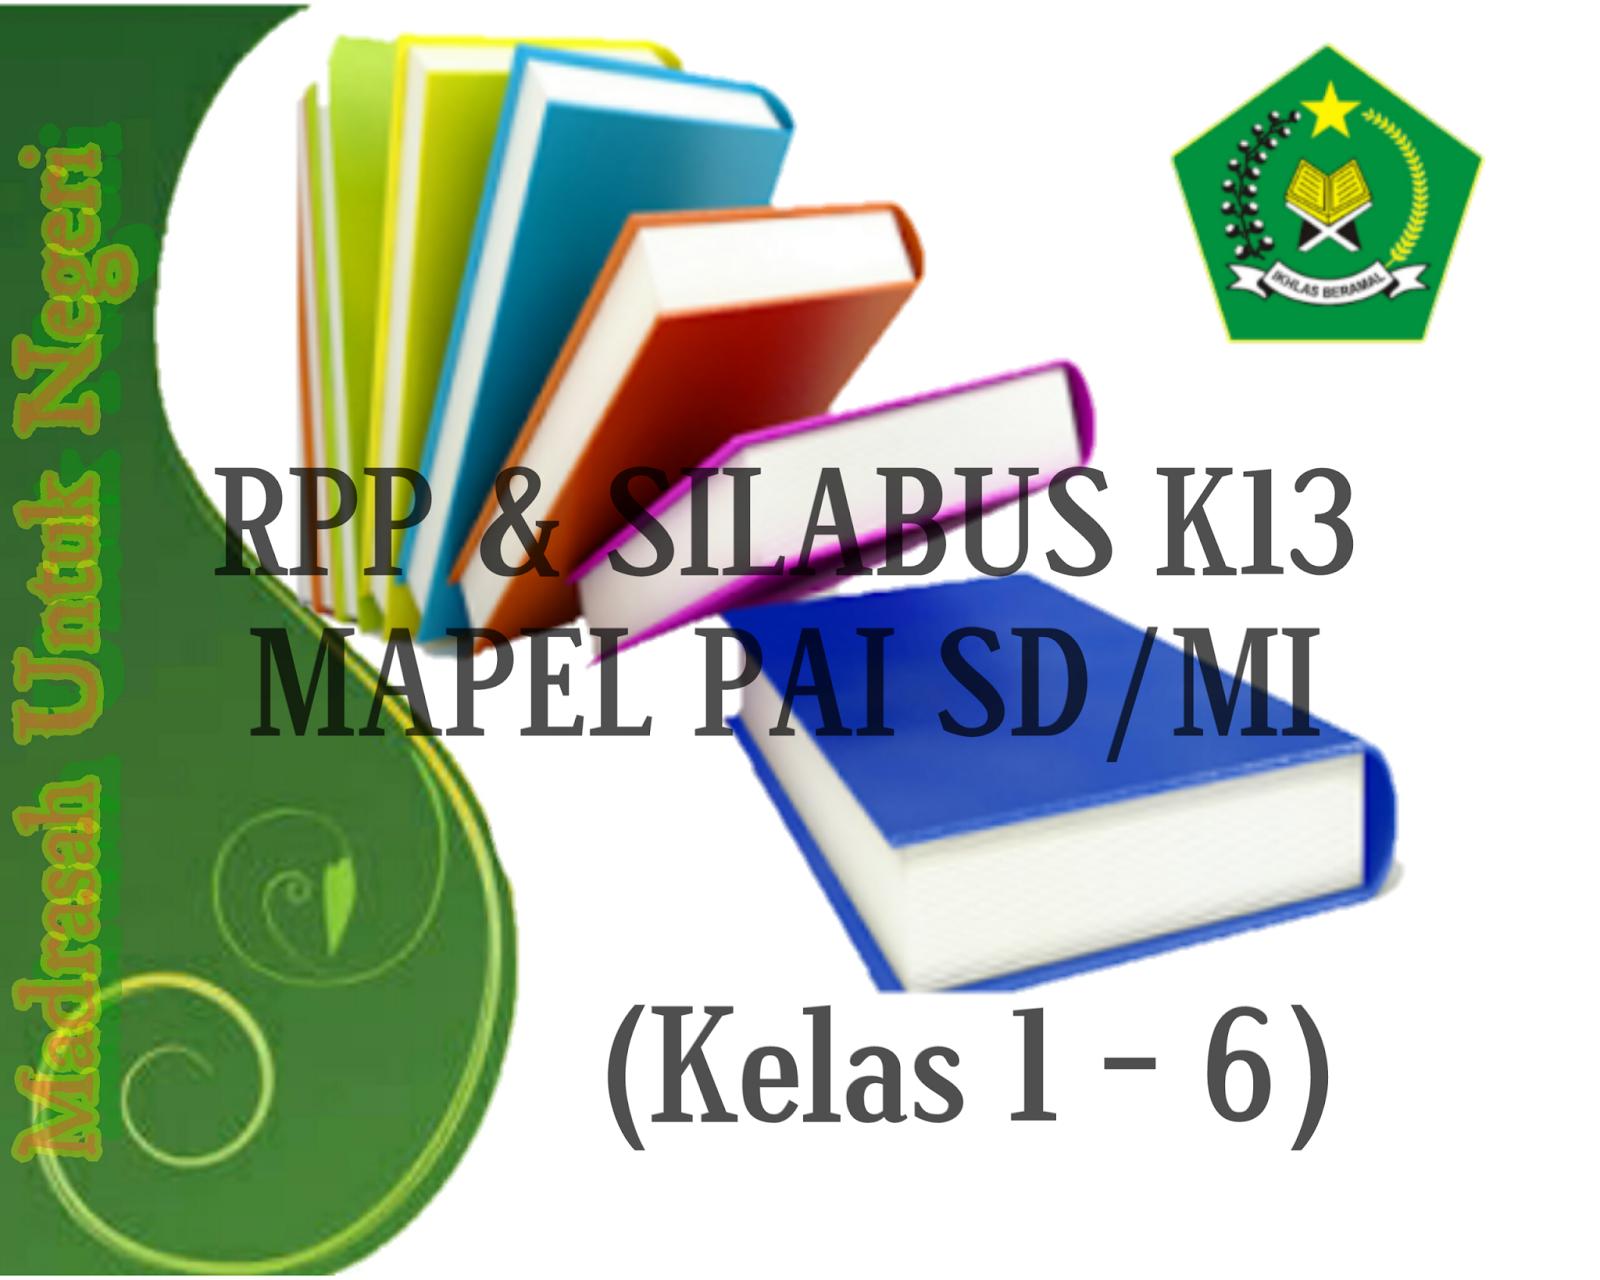 Rpp Dan Silabus Kurikulum K13 Mapel Pai Sd Mi Kelas 1 6